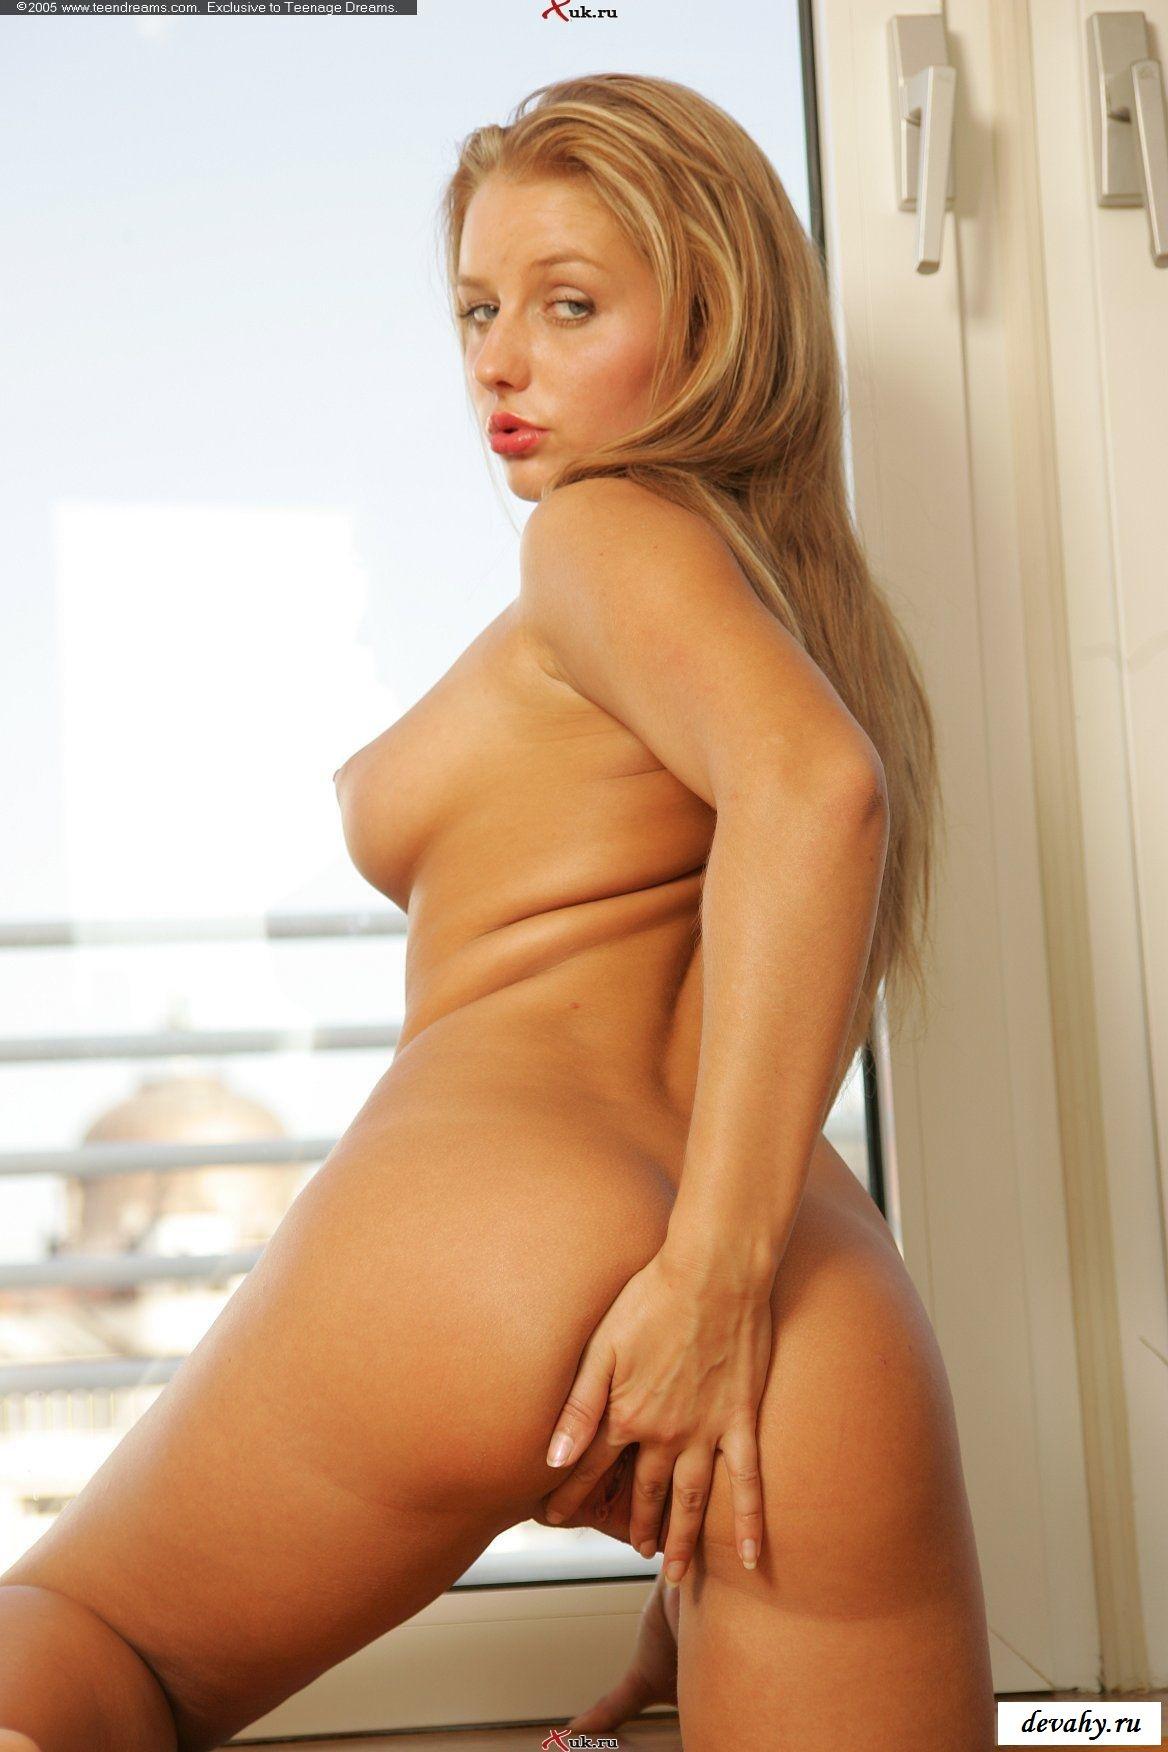 Красивая задница рыженькой девки смотреть эротику